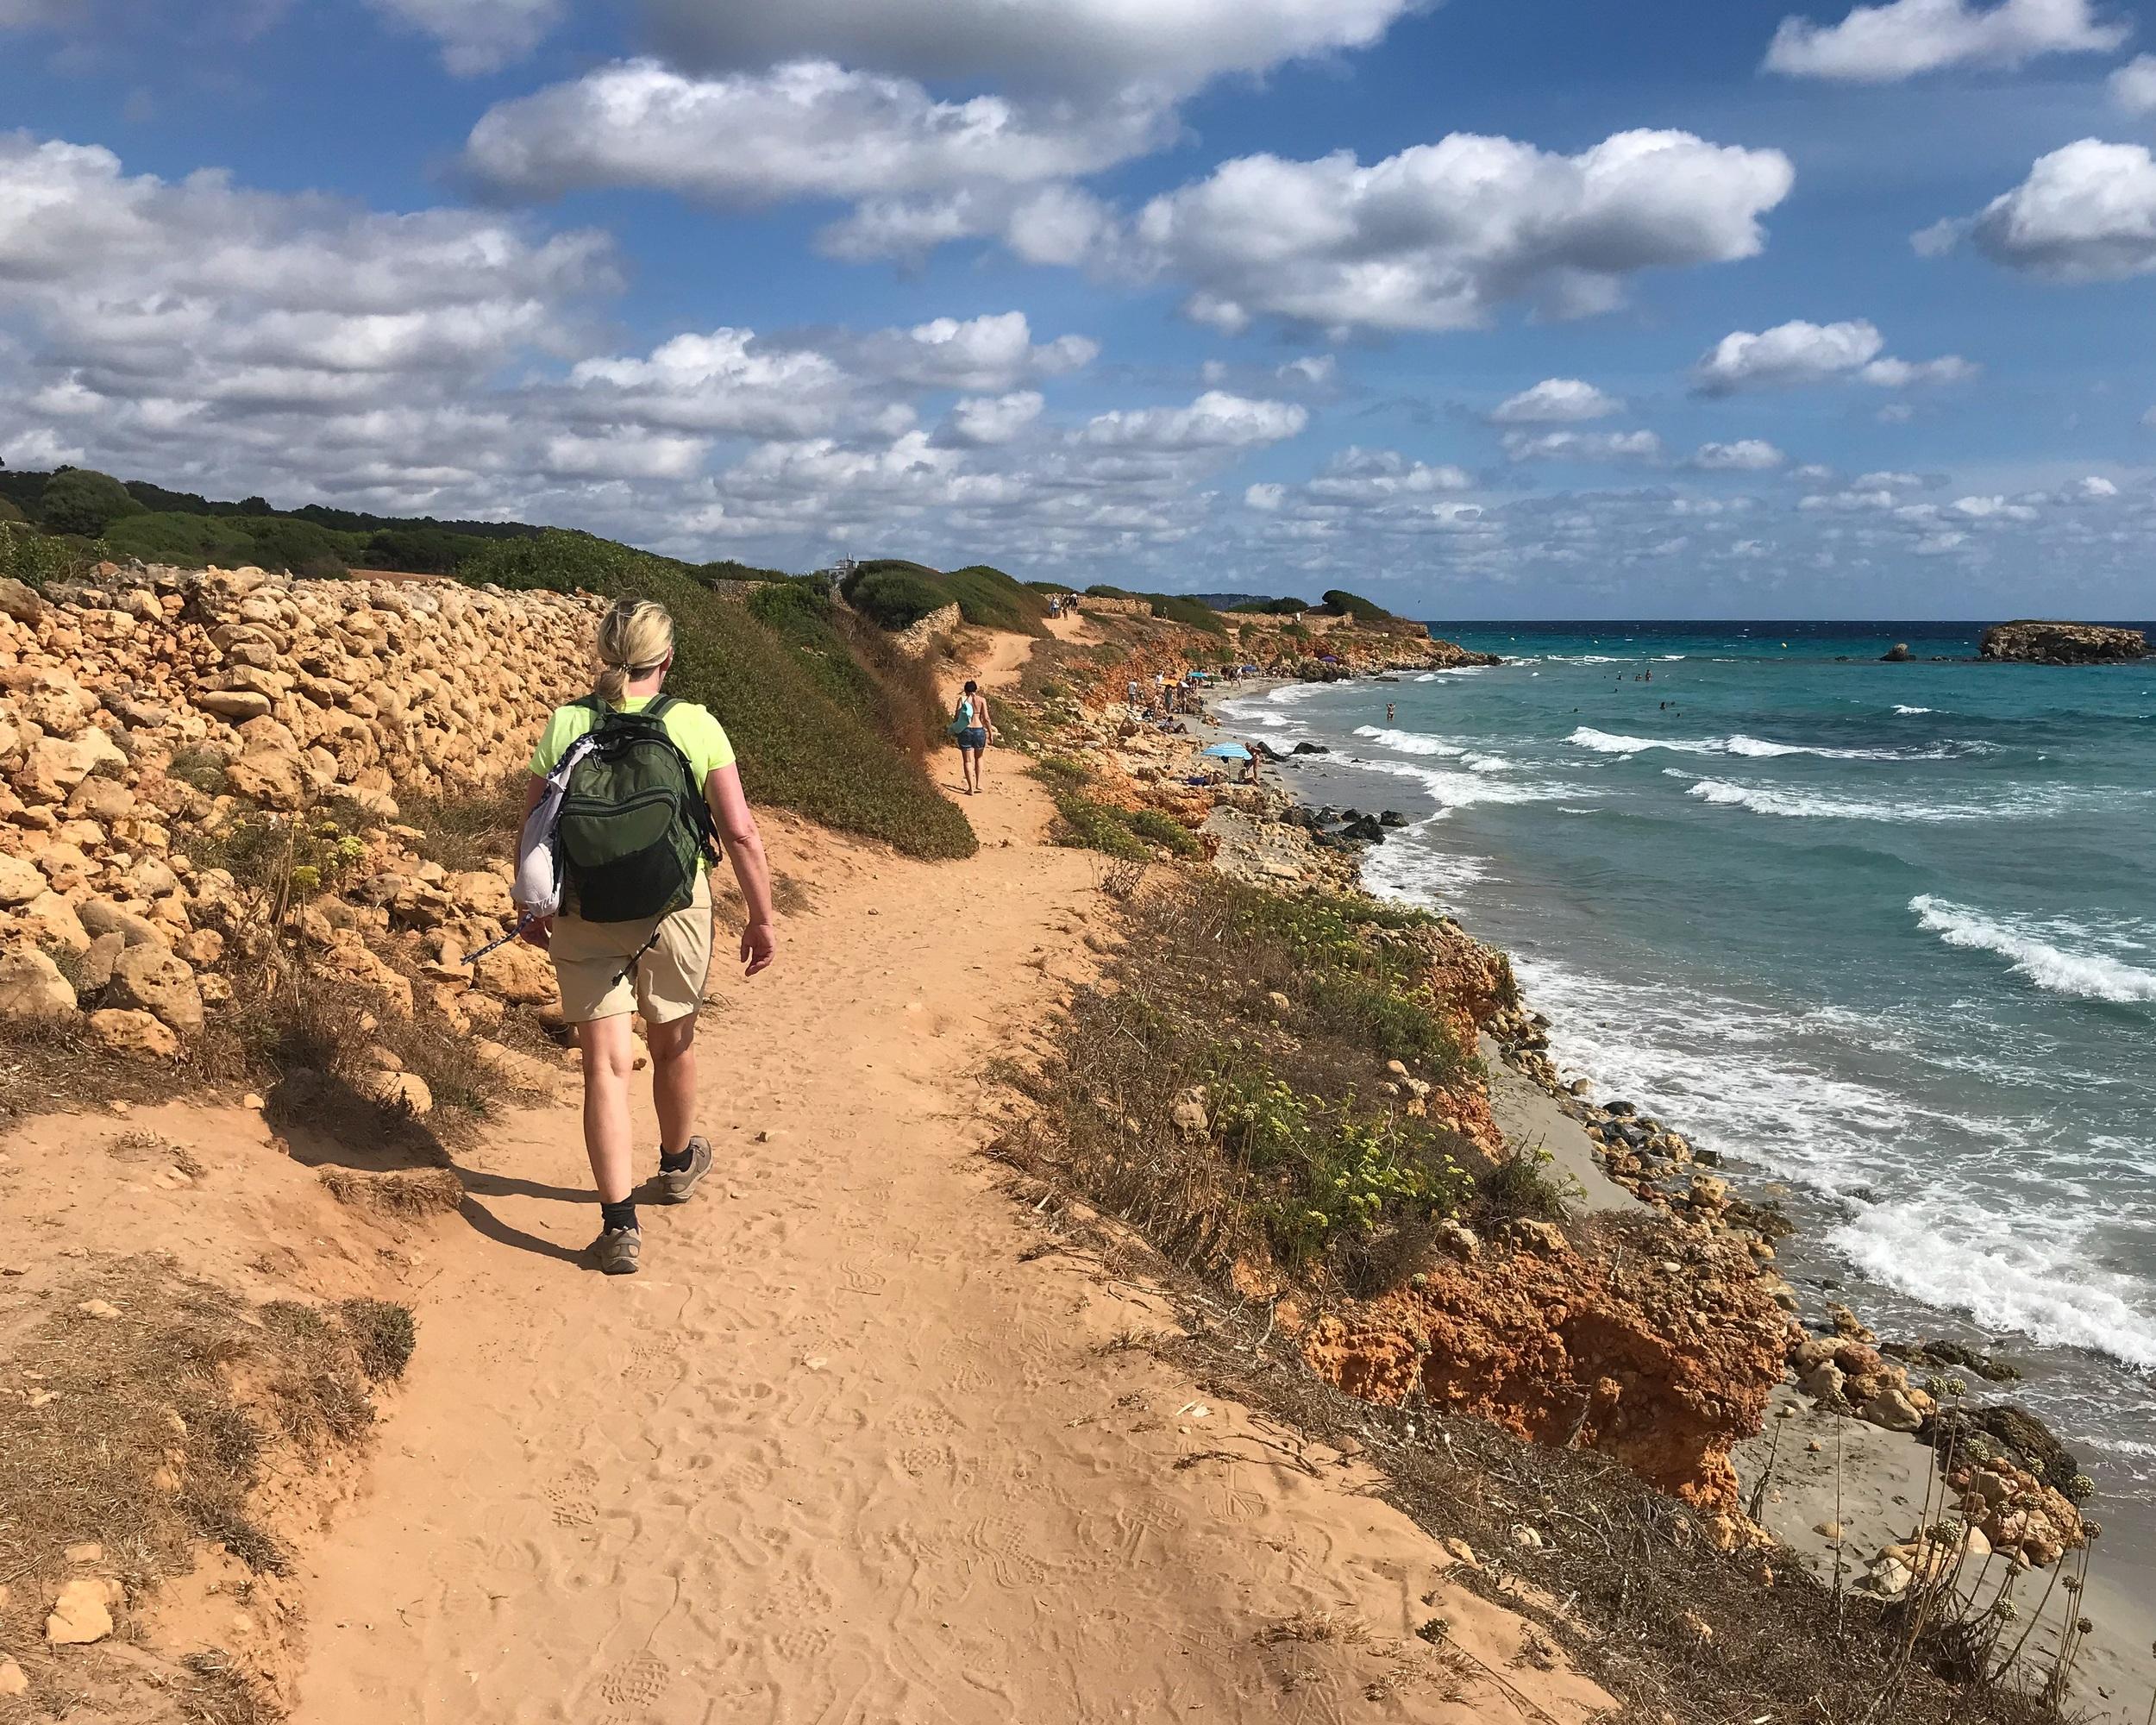 Cami de Cavalls - guide to walking in Menorca